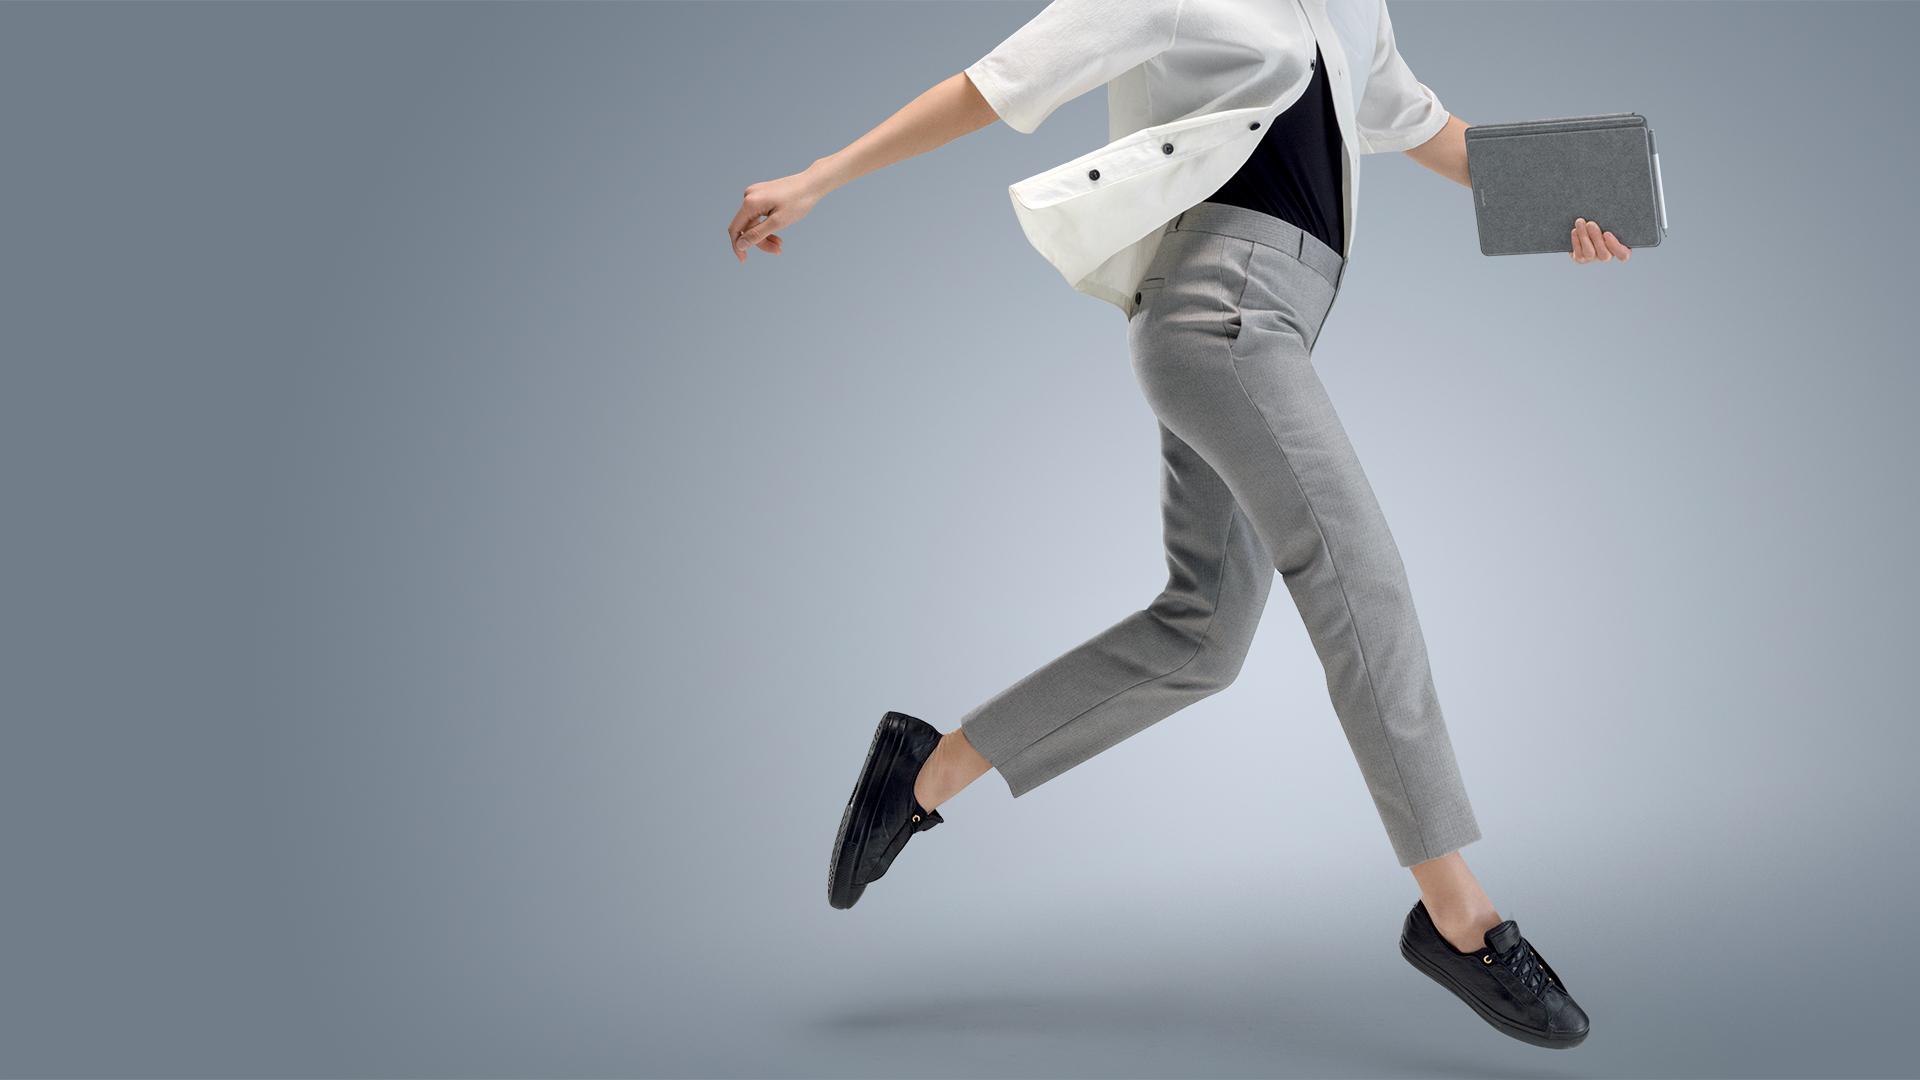 片手でタブレット モードの Surface Go を運ぶ女性が飛び跳ねる